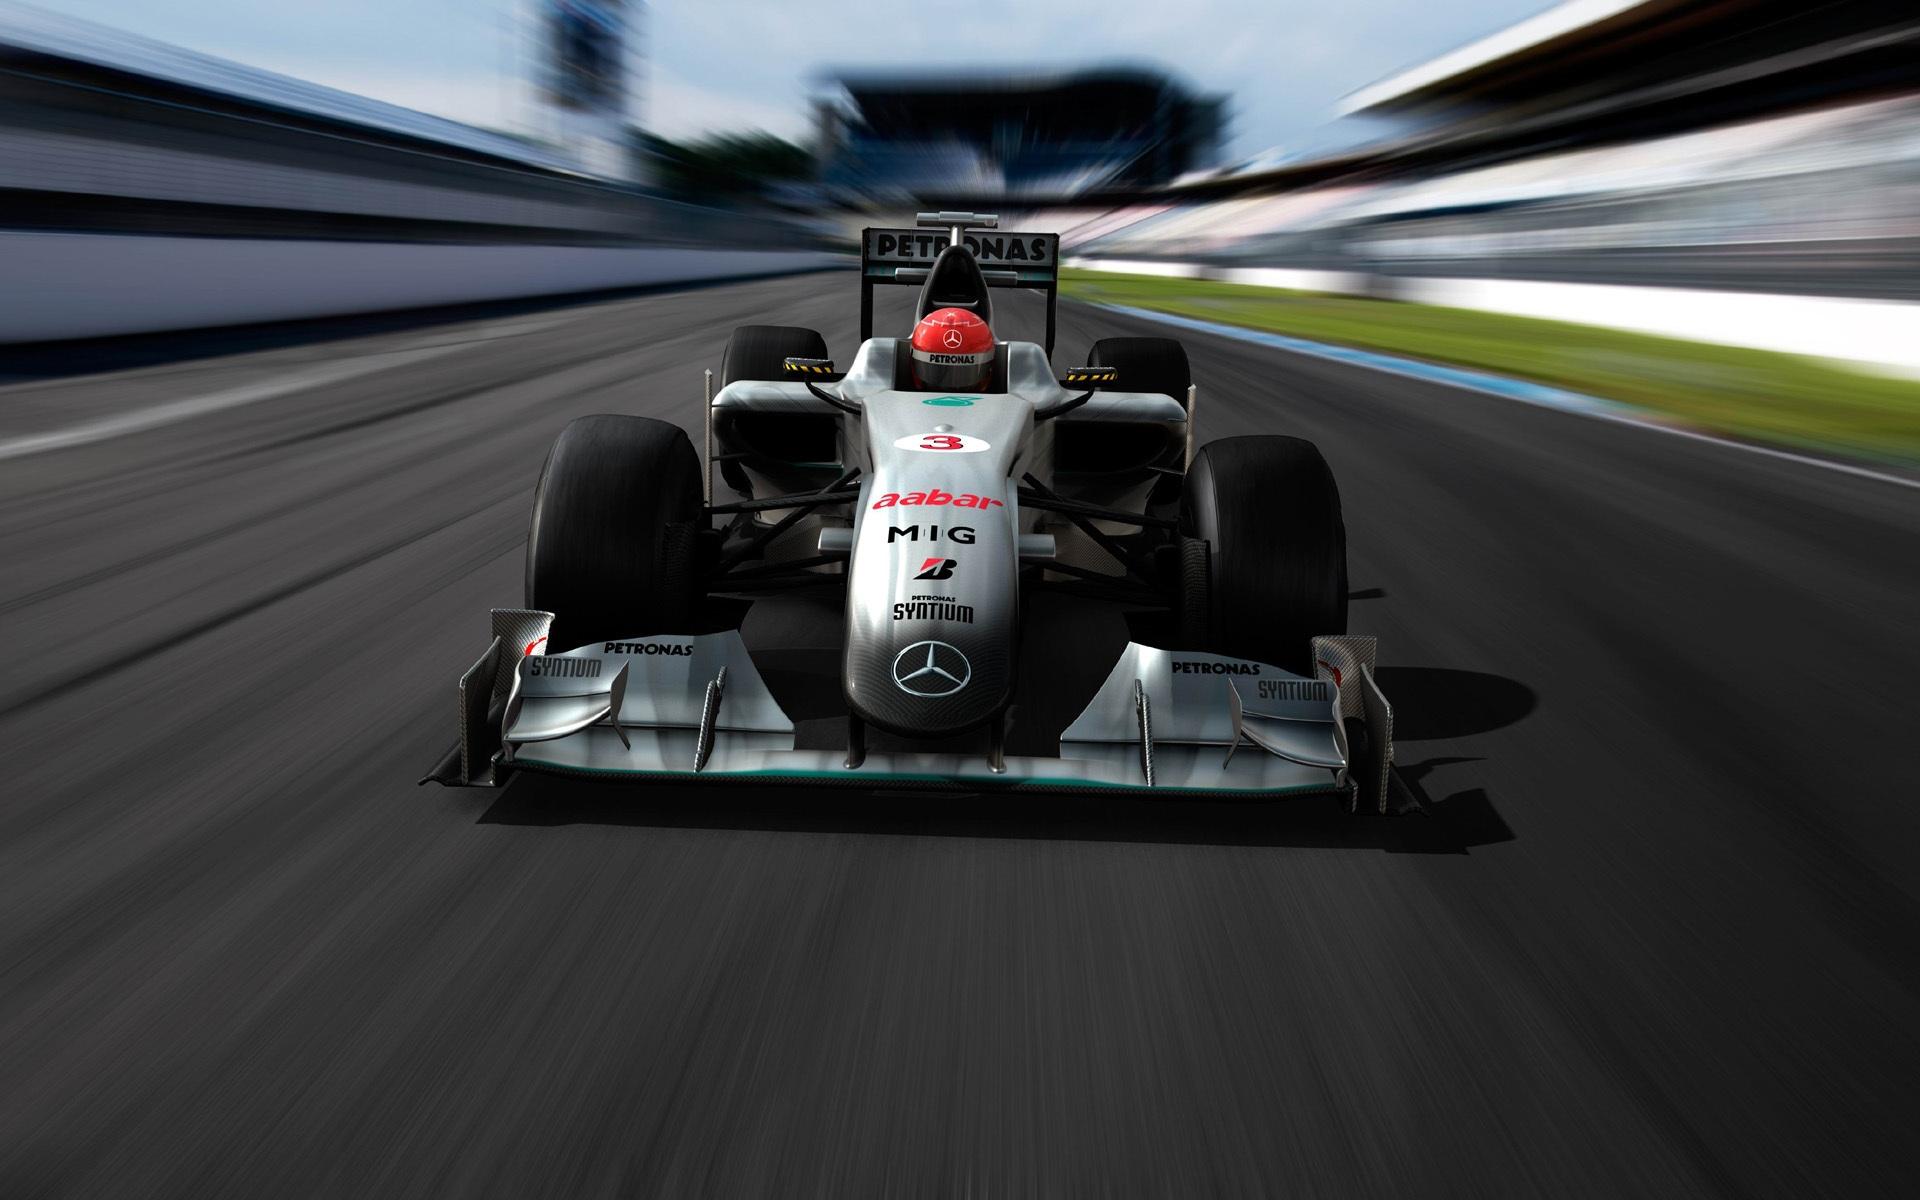 34626 скачать обои Спорт, Транспорт, Машины, Гонки, Формула-1 (Formula-1, F1) - заставки и картинки бесплатно